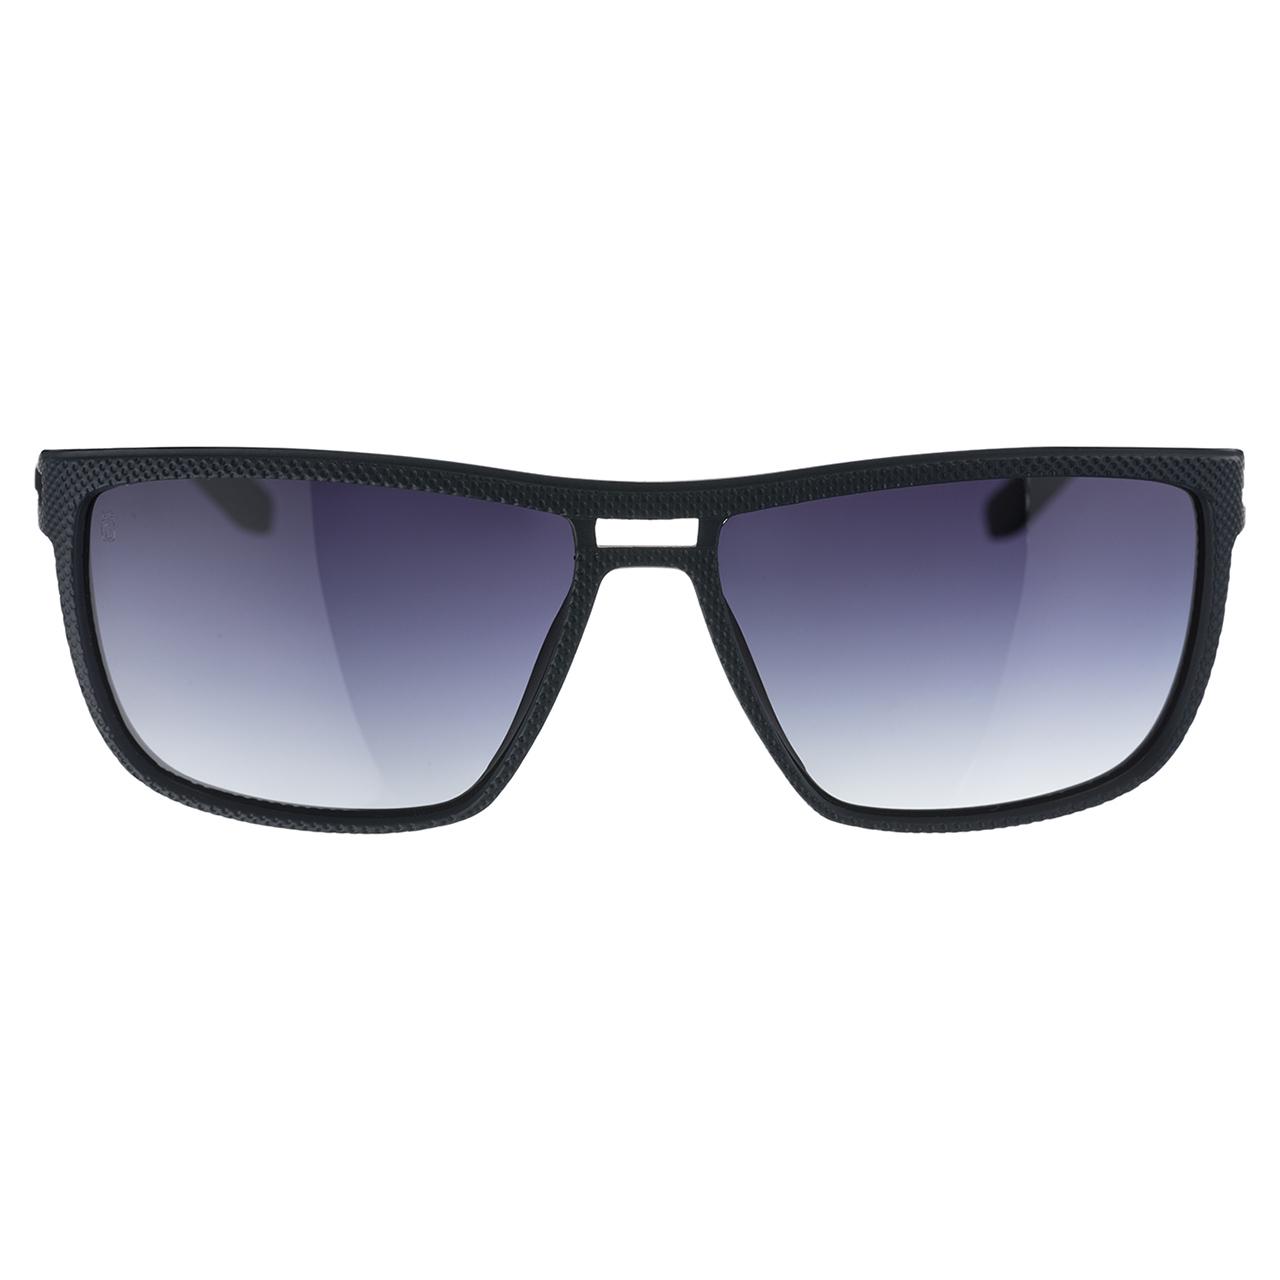 قیمت عینک آفتابی مورل مدل OGA 7895O